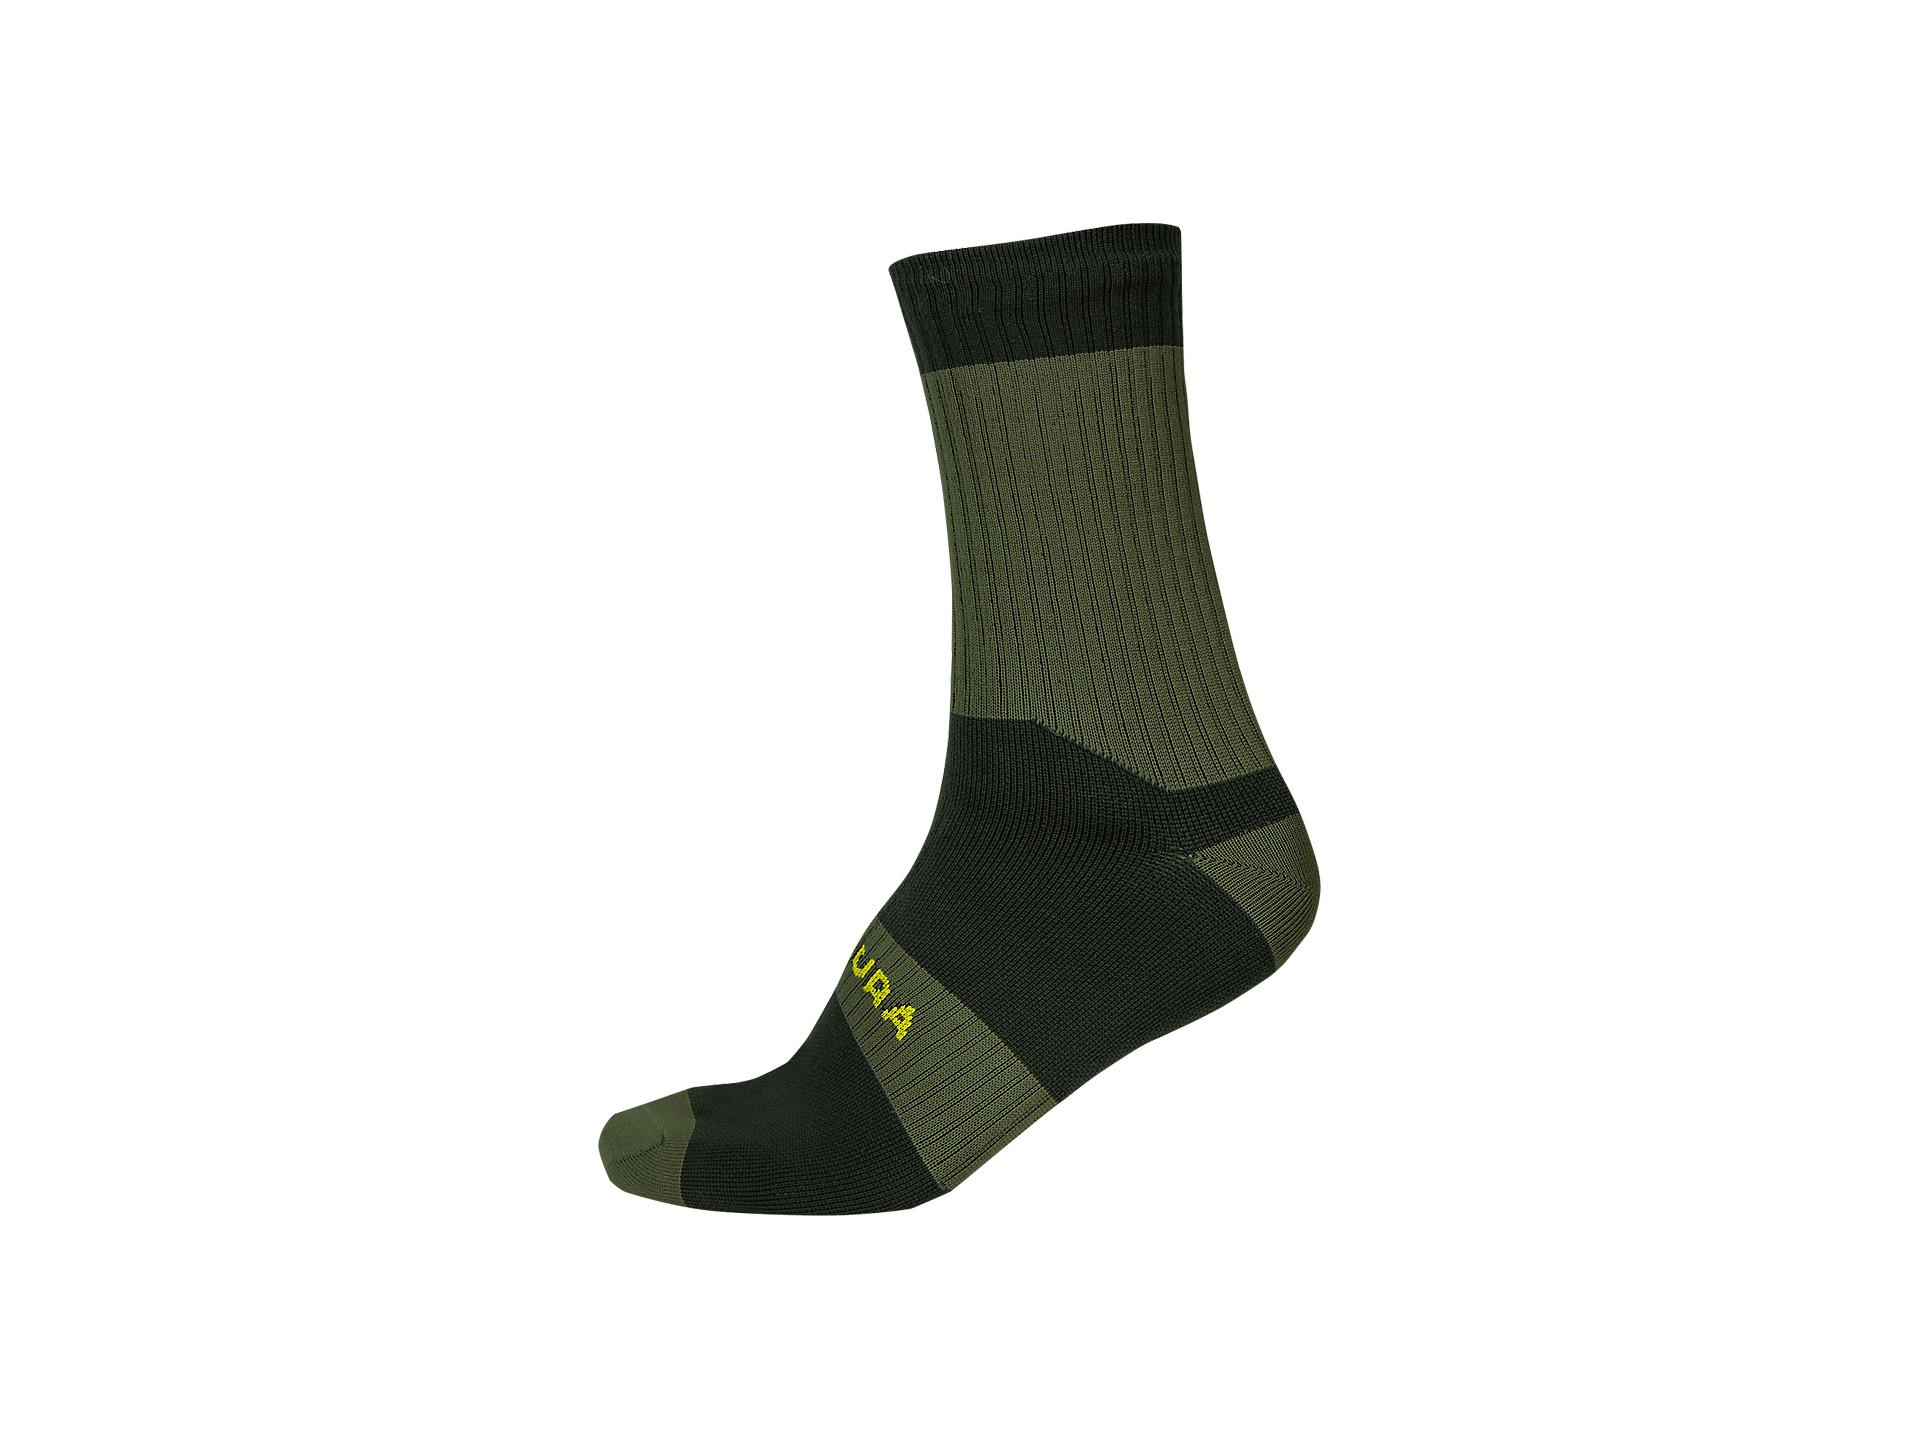 Waterproof MTB socks